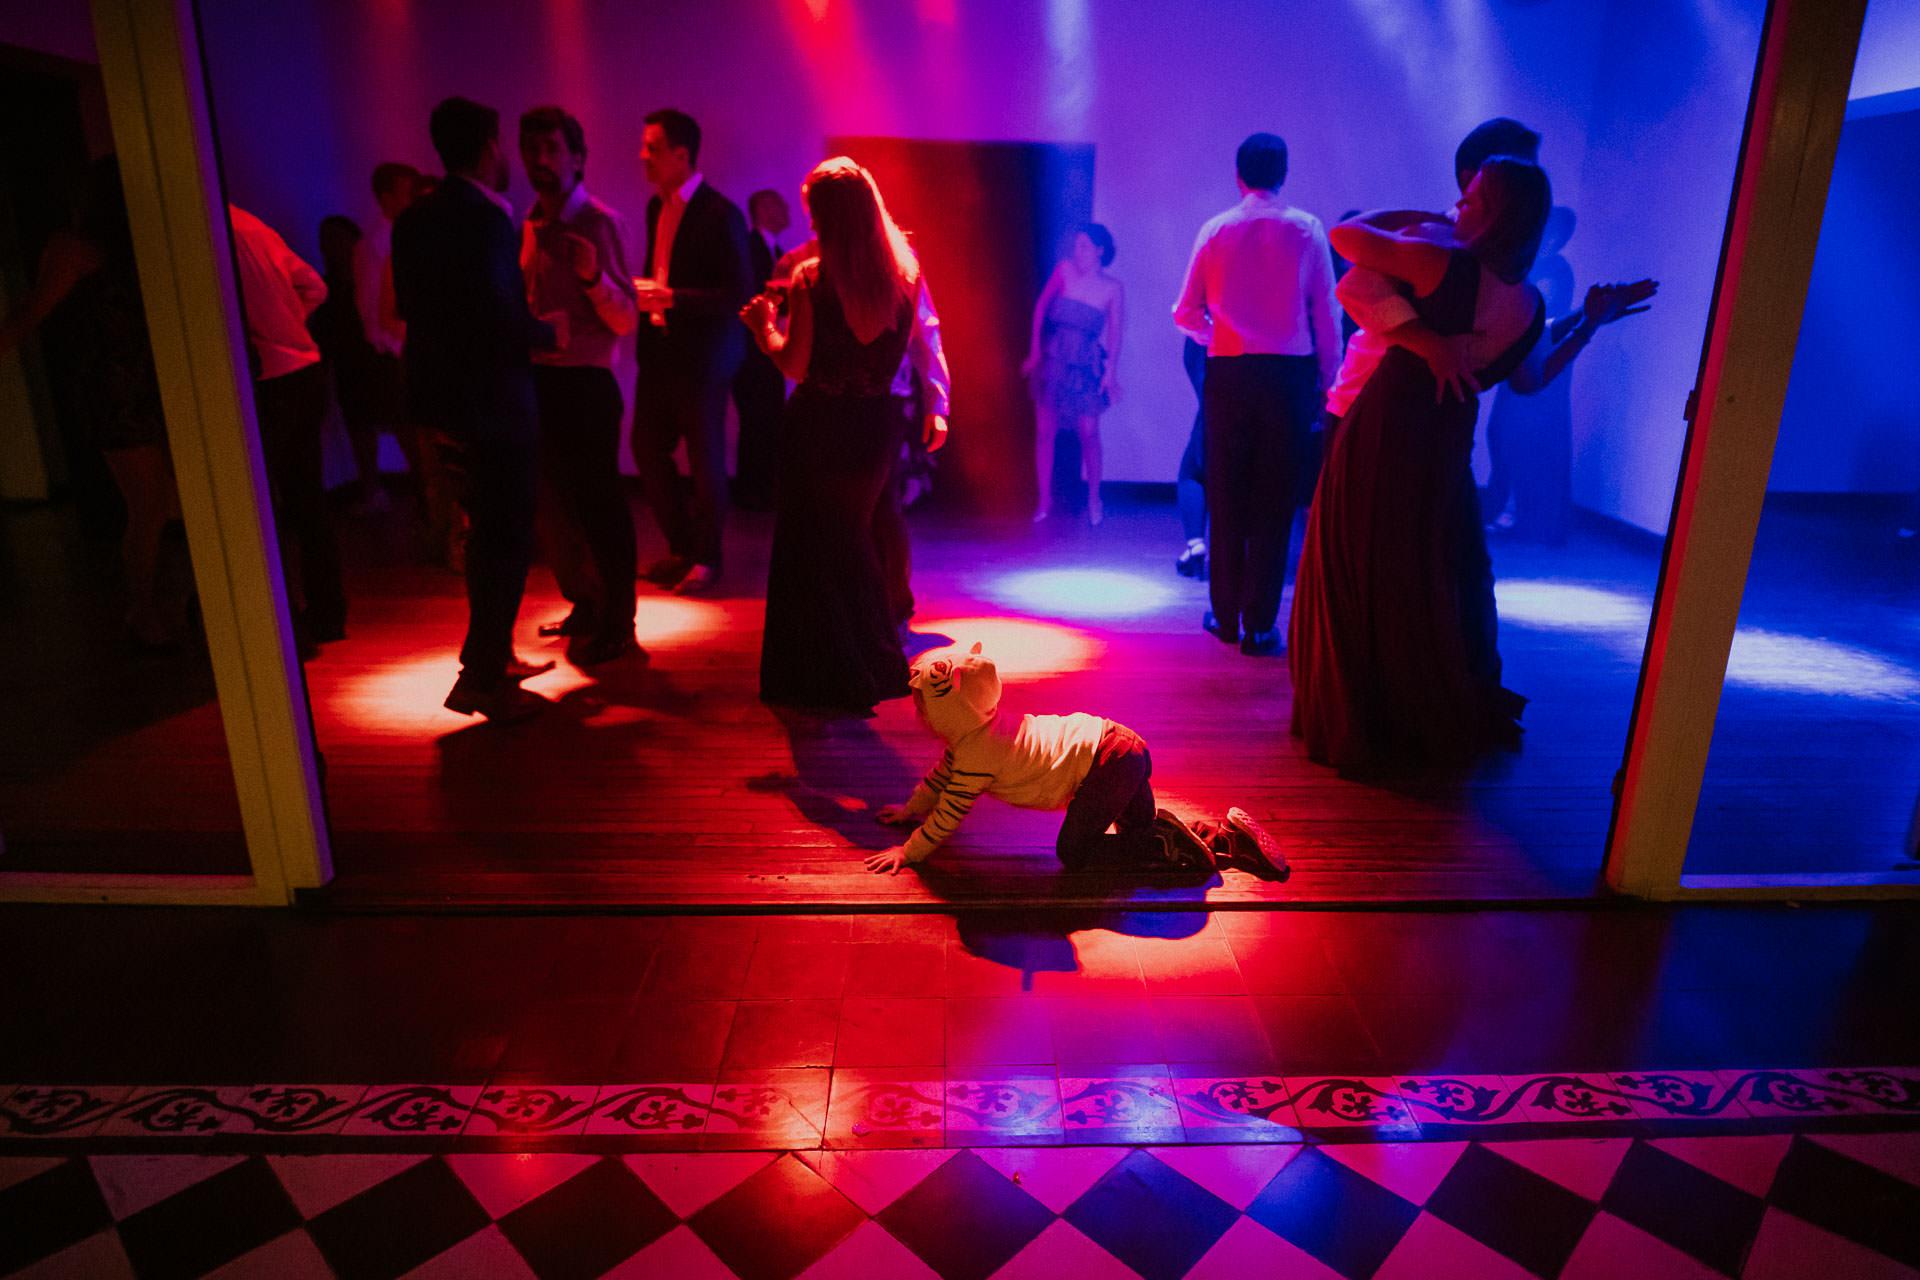 Casamiento, Boda en Estancia La Linda, fotógrafo de bodas, Norman Parunov